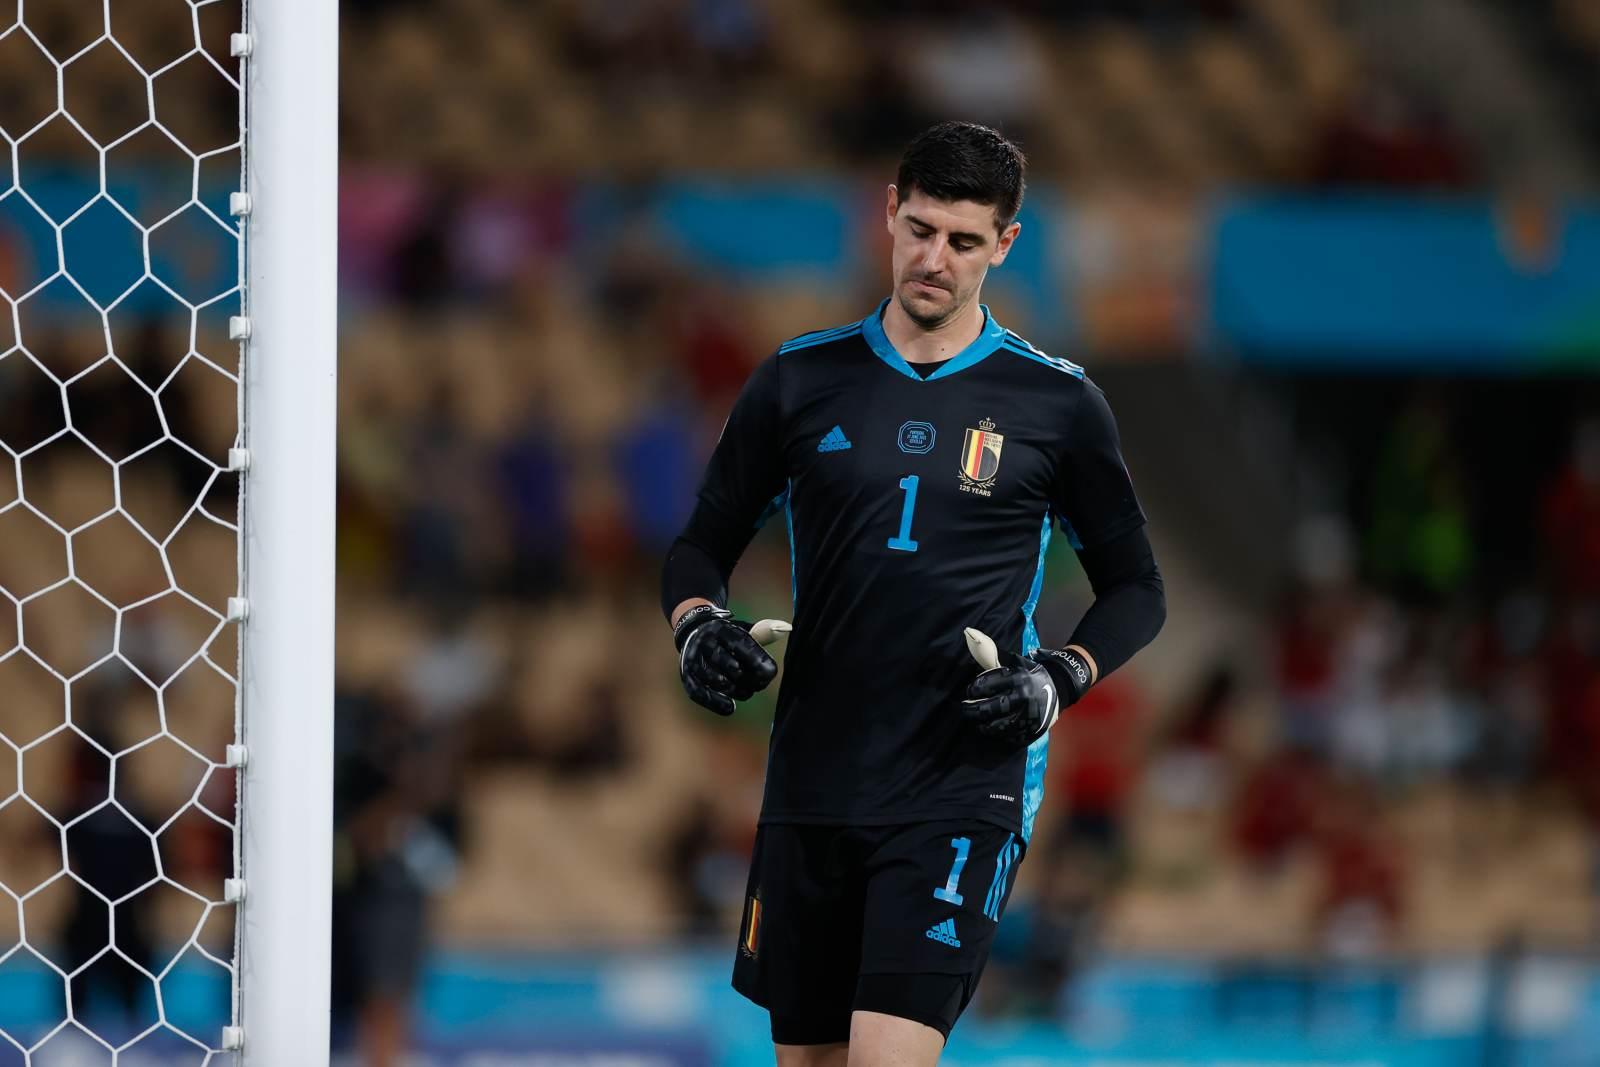 «Ты просто играешь в футбол и получаешь много денег»: Ван дер Ваарт раскритиковал Куртуа